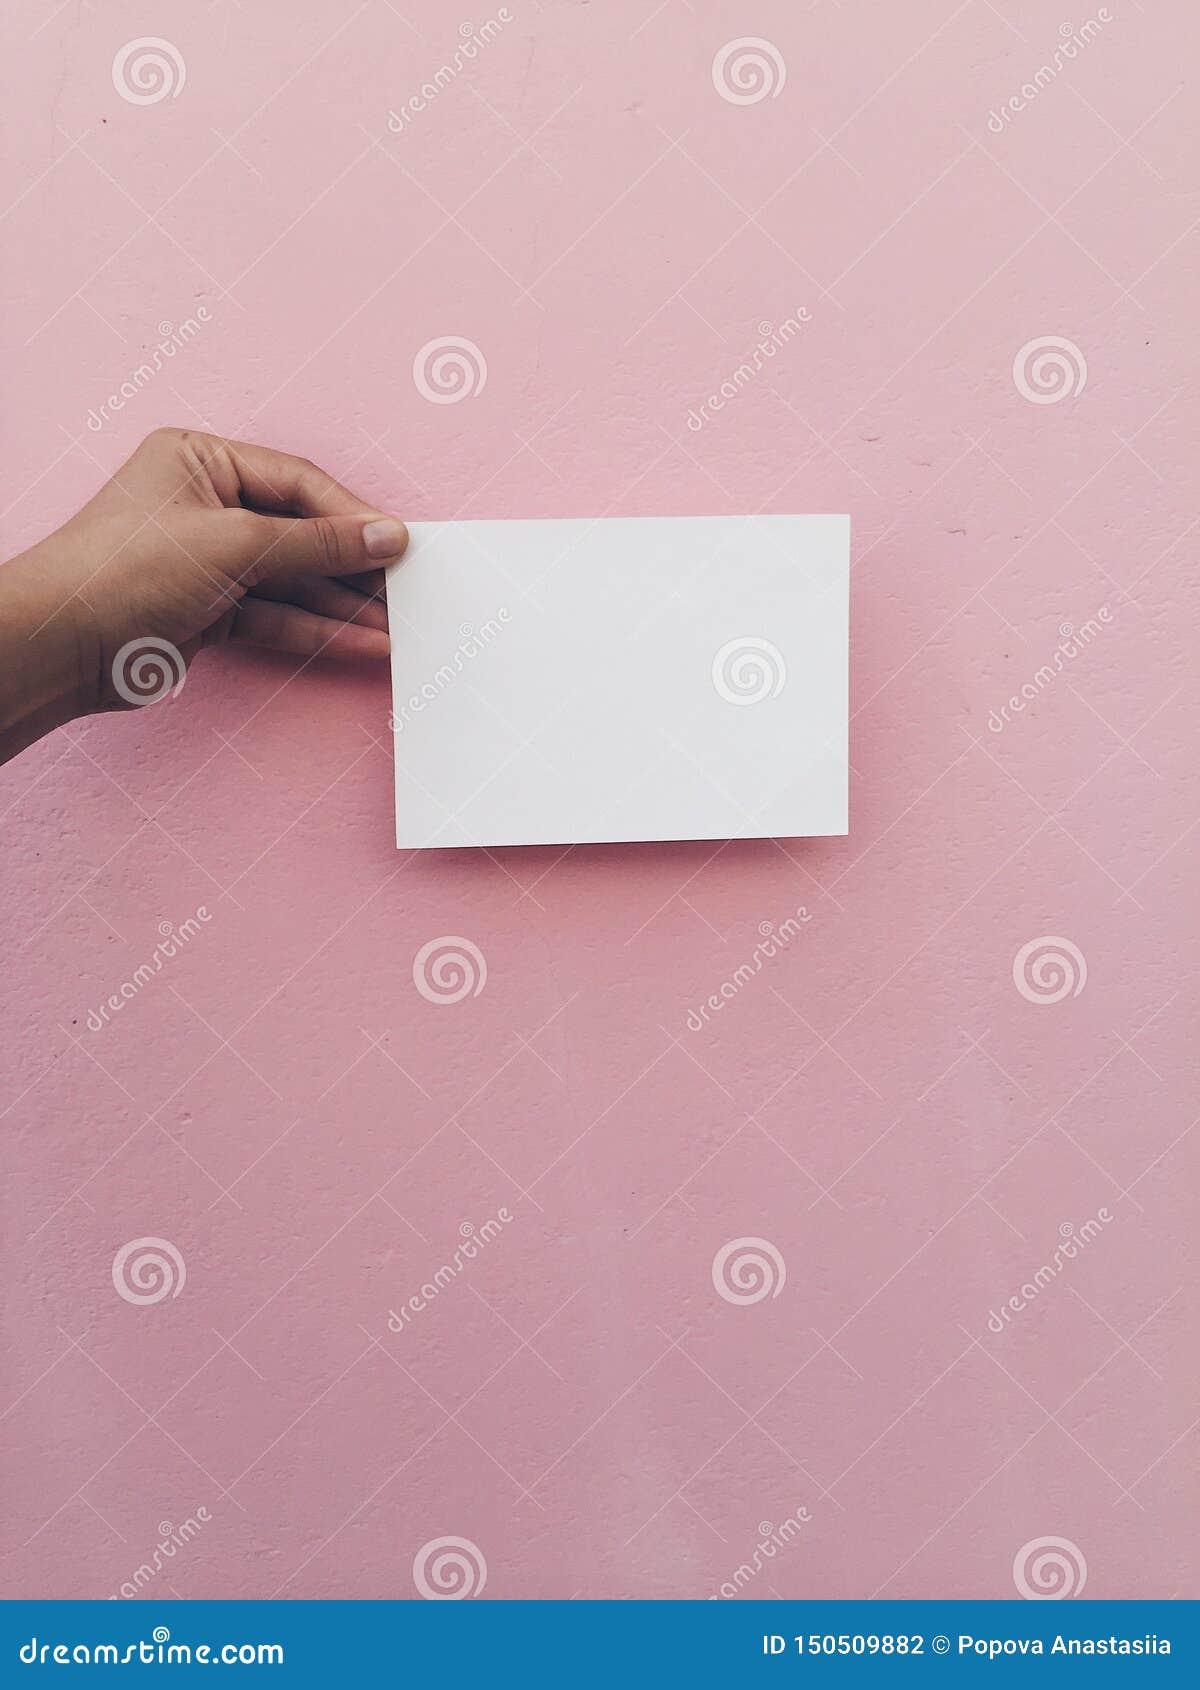 Vitt kort för handhåll på rosa väggbakgrund